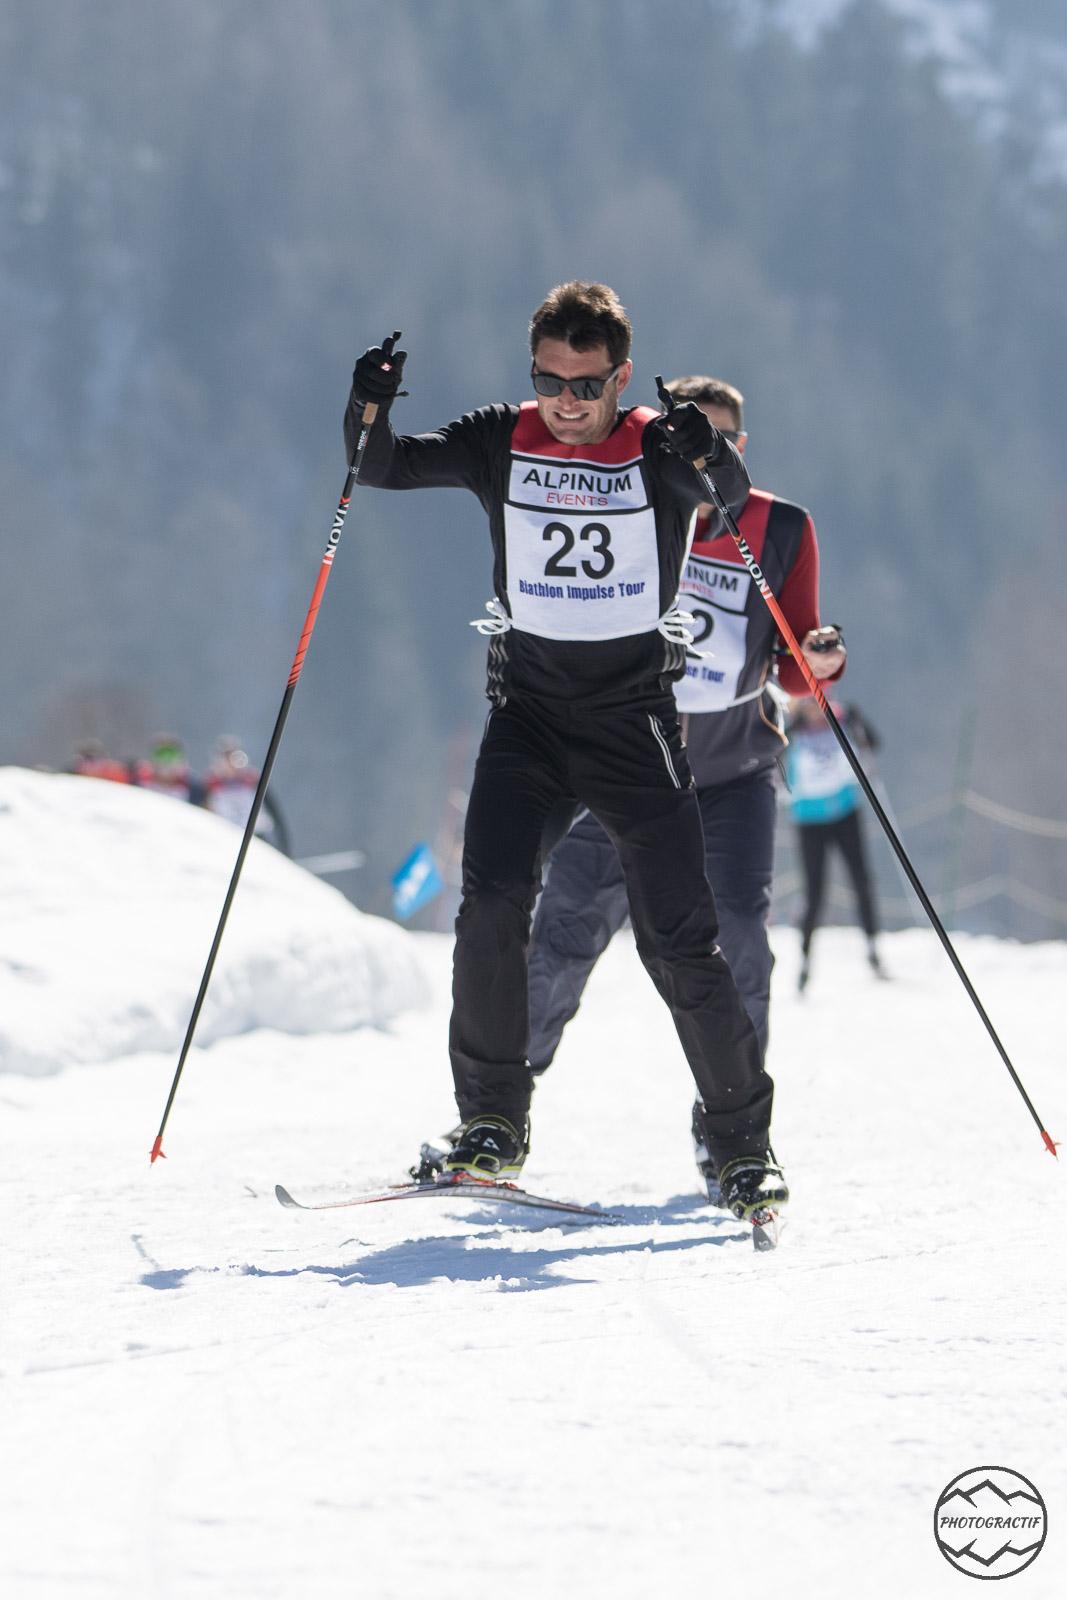 Biathlon Alpinum Les Contamines 2019 (12)